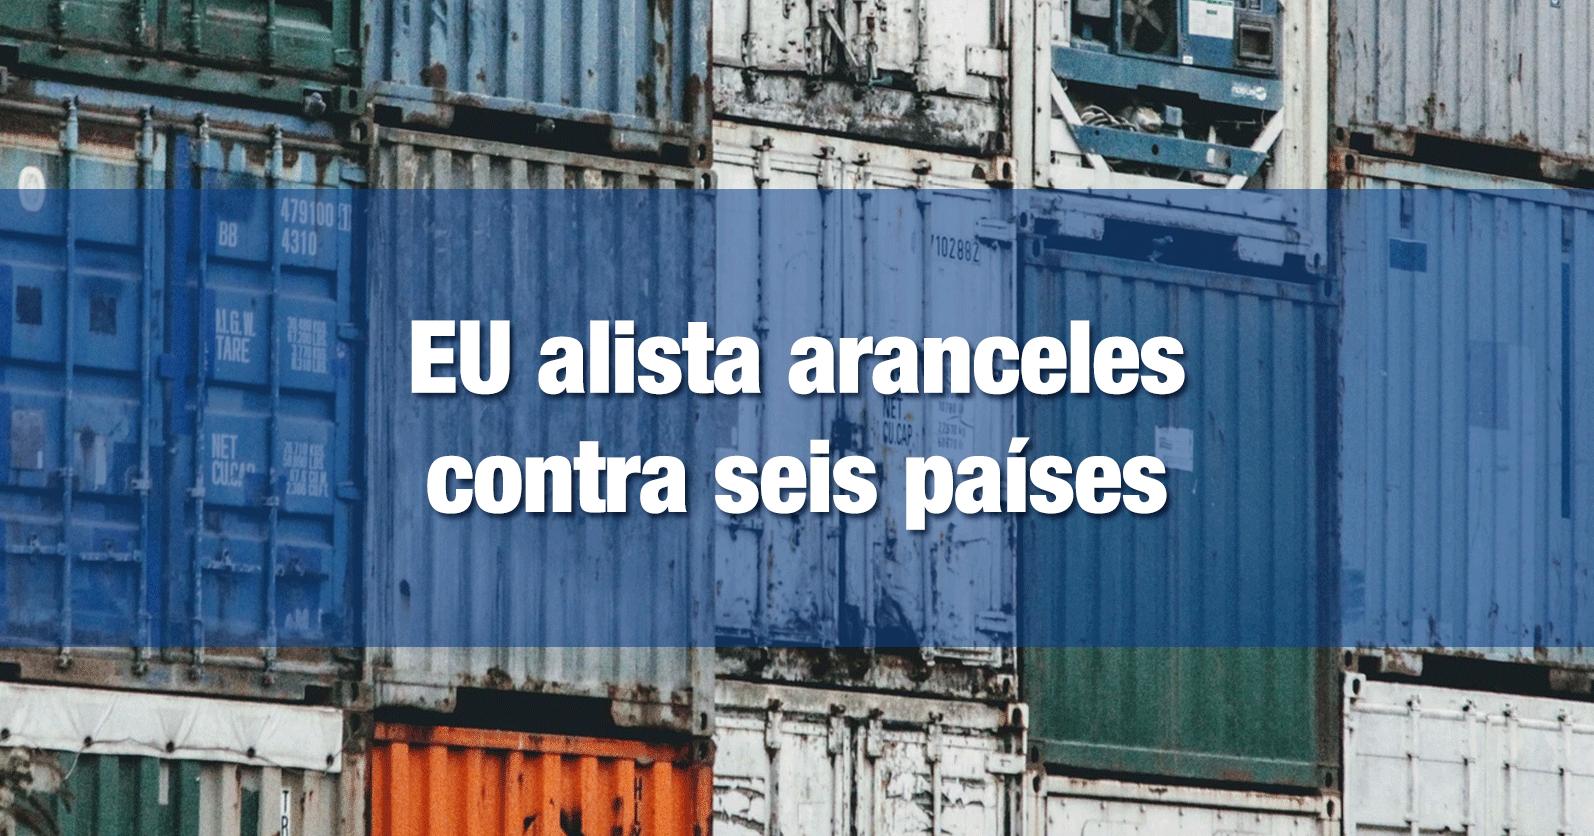 EU alista aranceles contra seis países